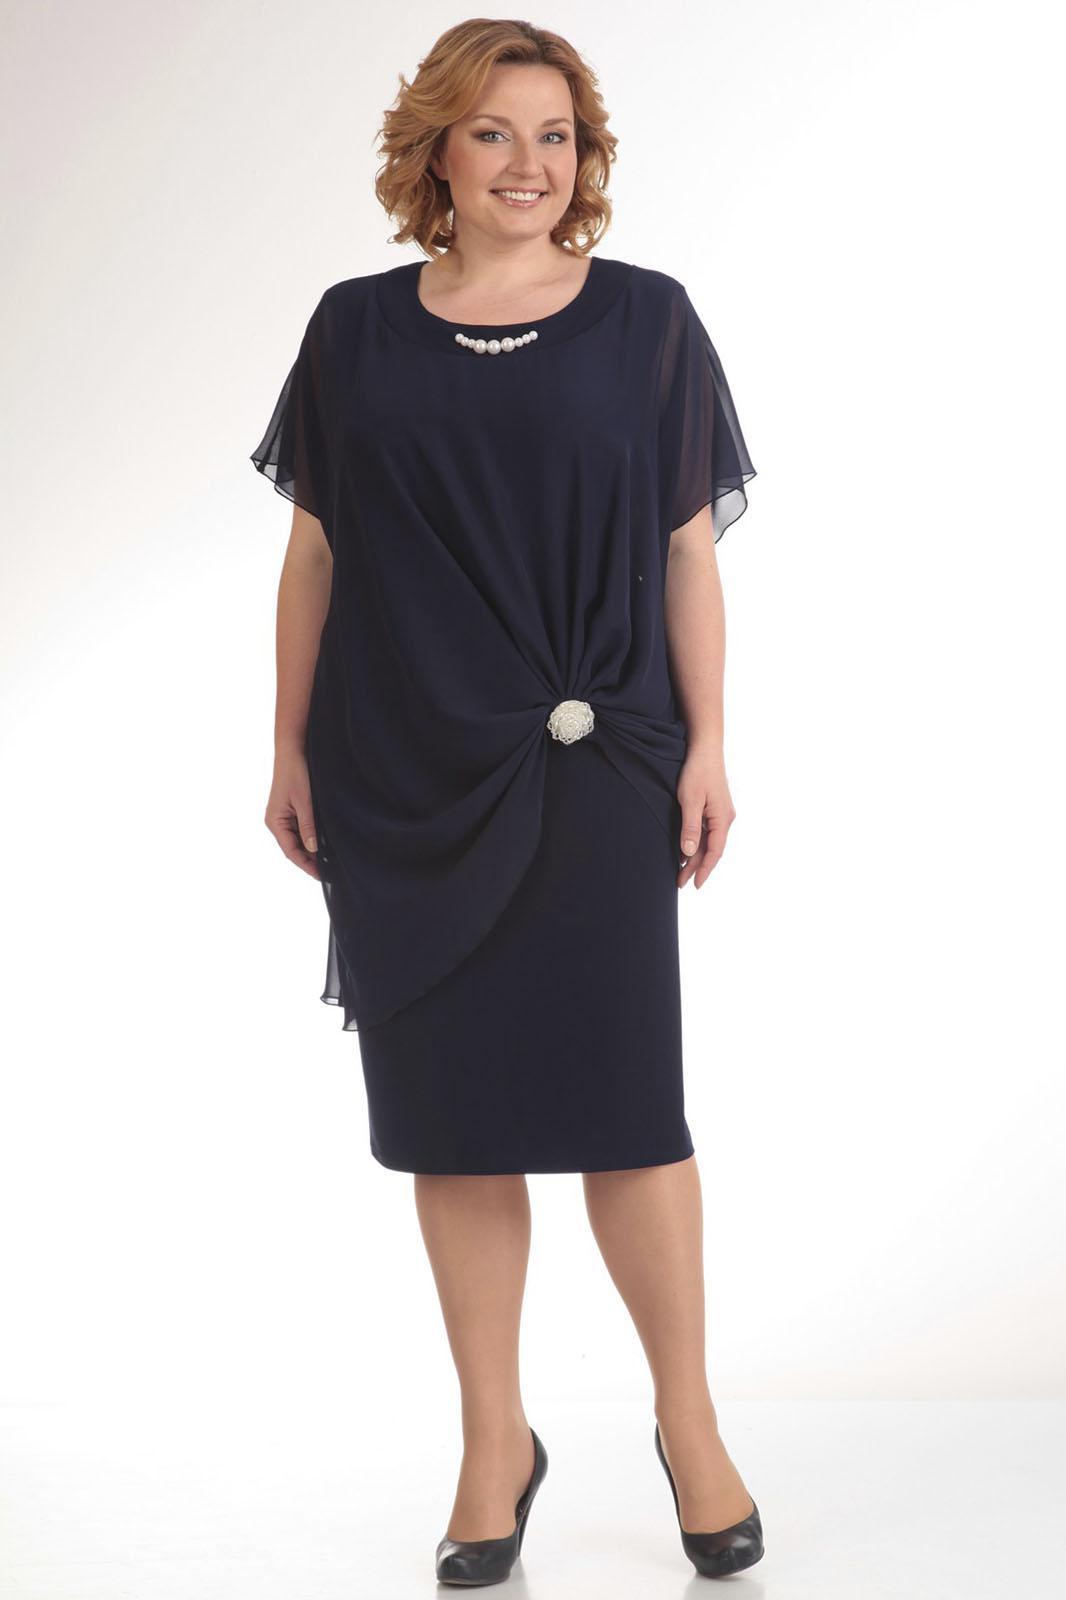 Купить Платье Pretty, 393 темно-синий, Беларусь